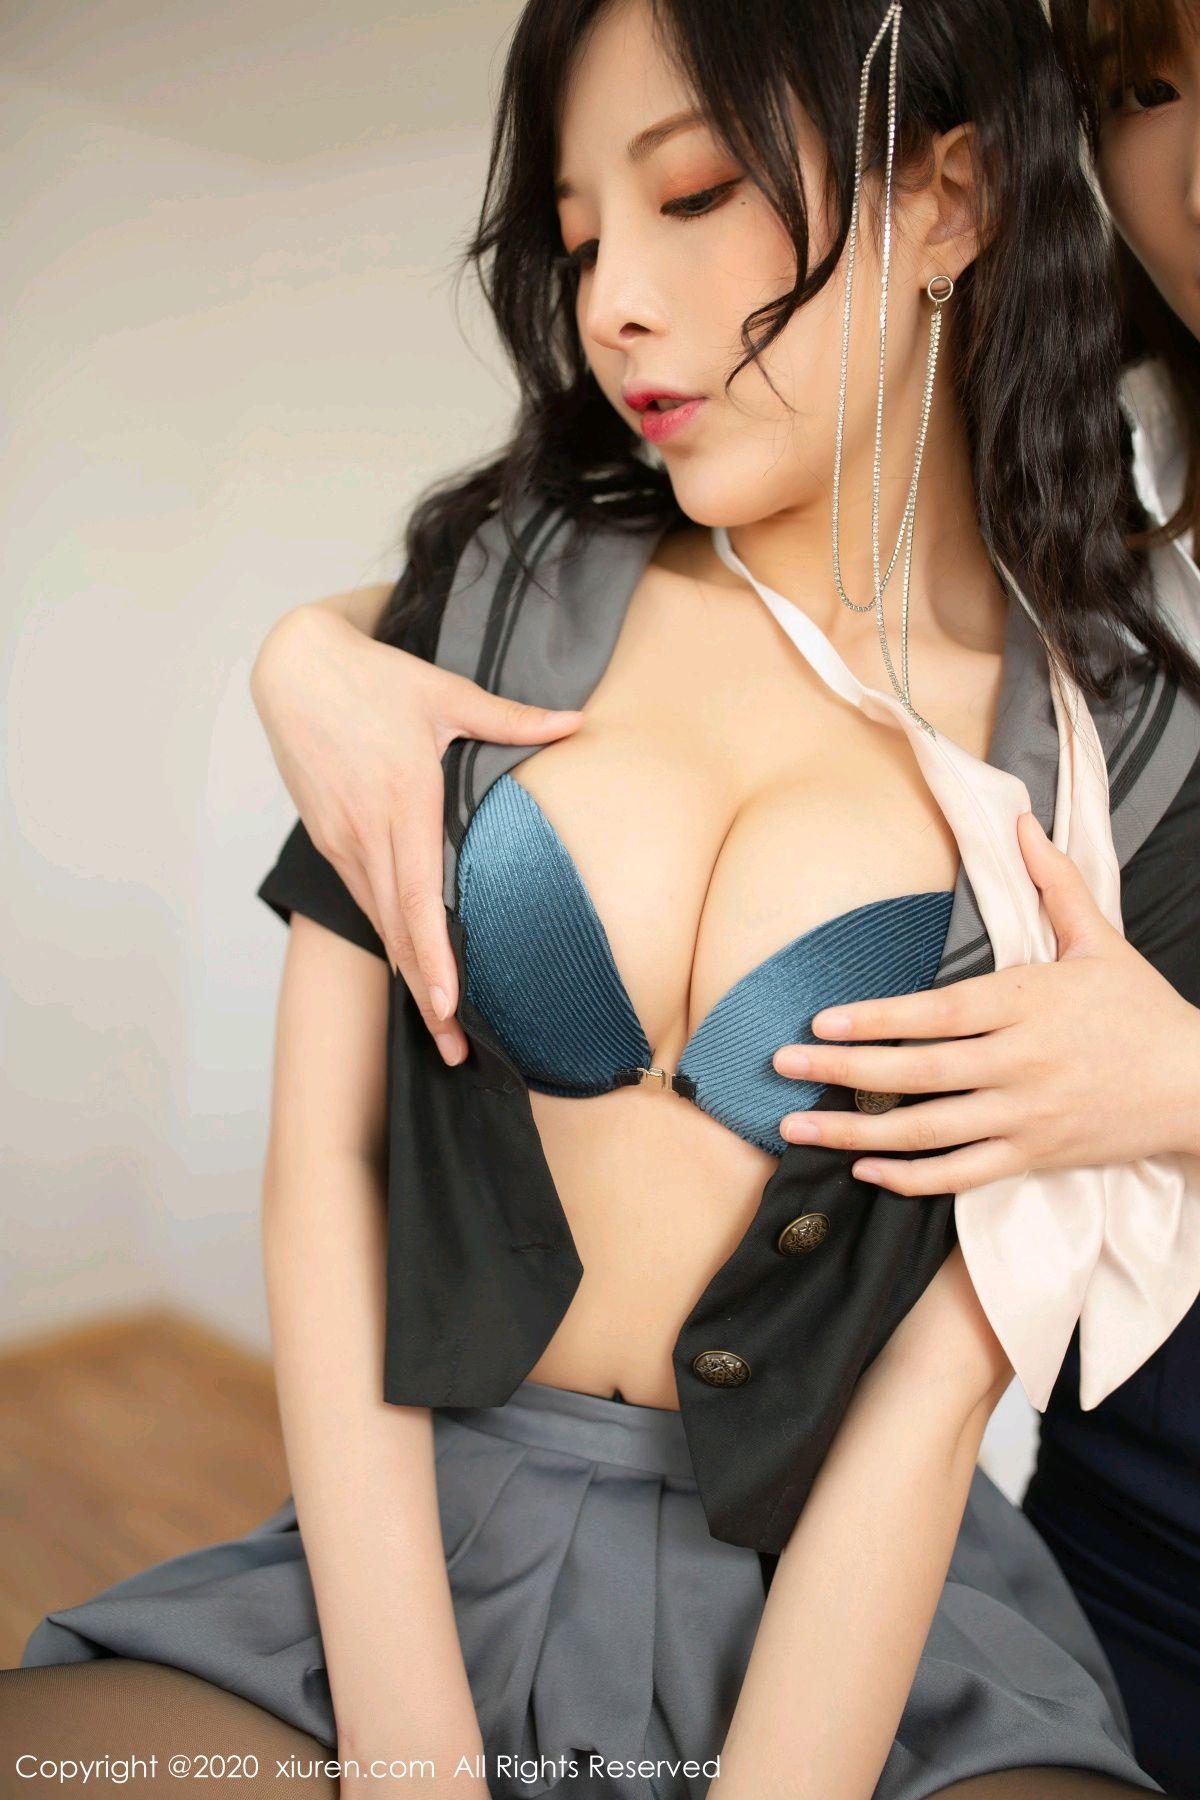 [XiuRen] Vol.2420 Chen Xiao Miao and Lu Xuan Xuan 38P, Chen Xiao Miao, Lu Xuan Xuan, School Uniform, Sisters, Xiuren